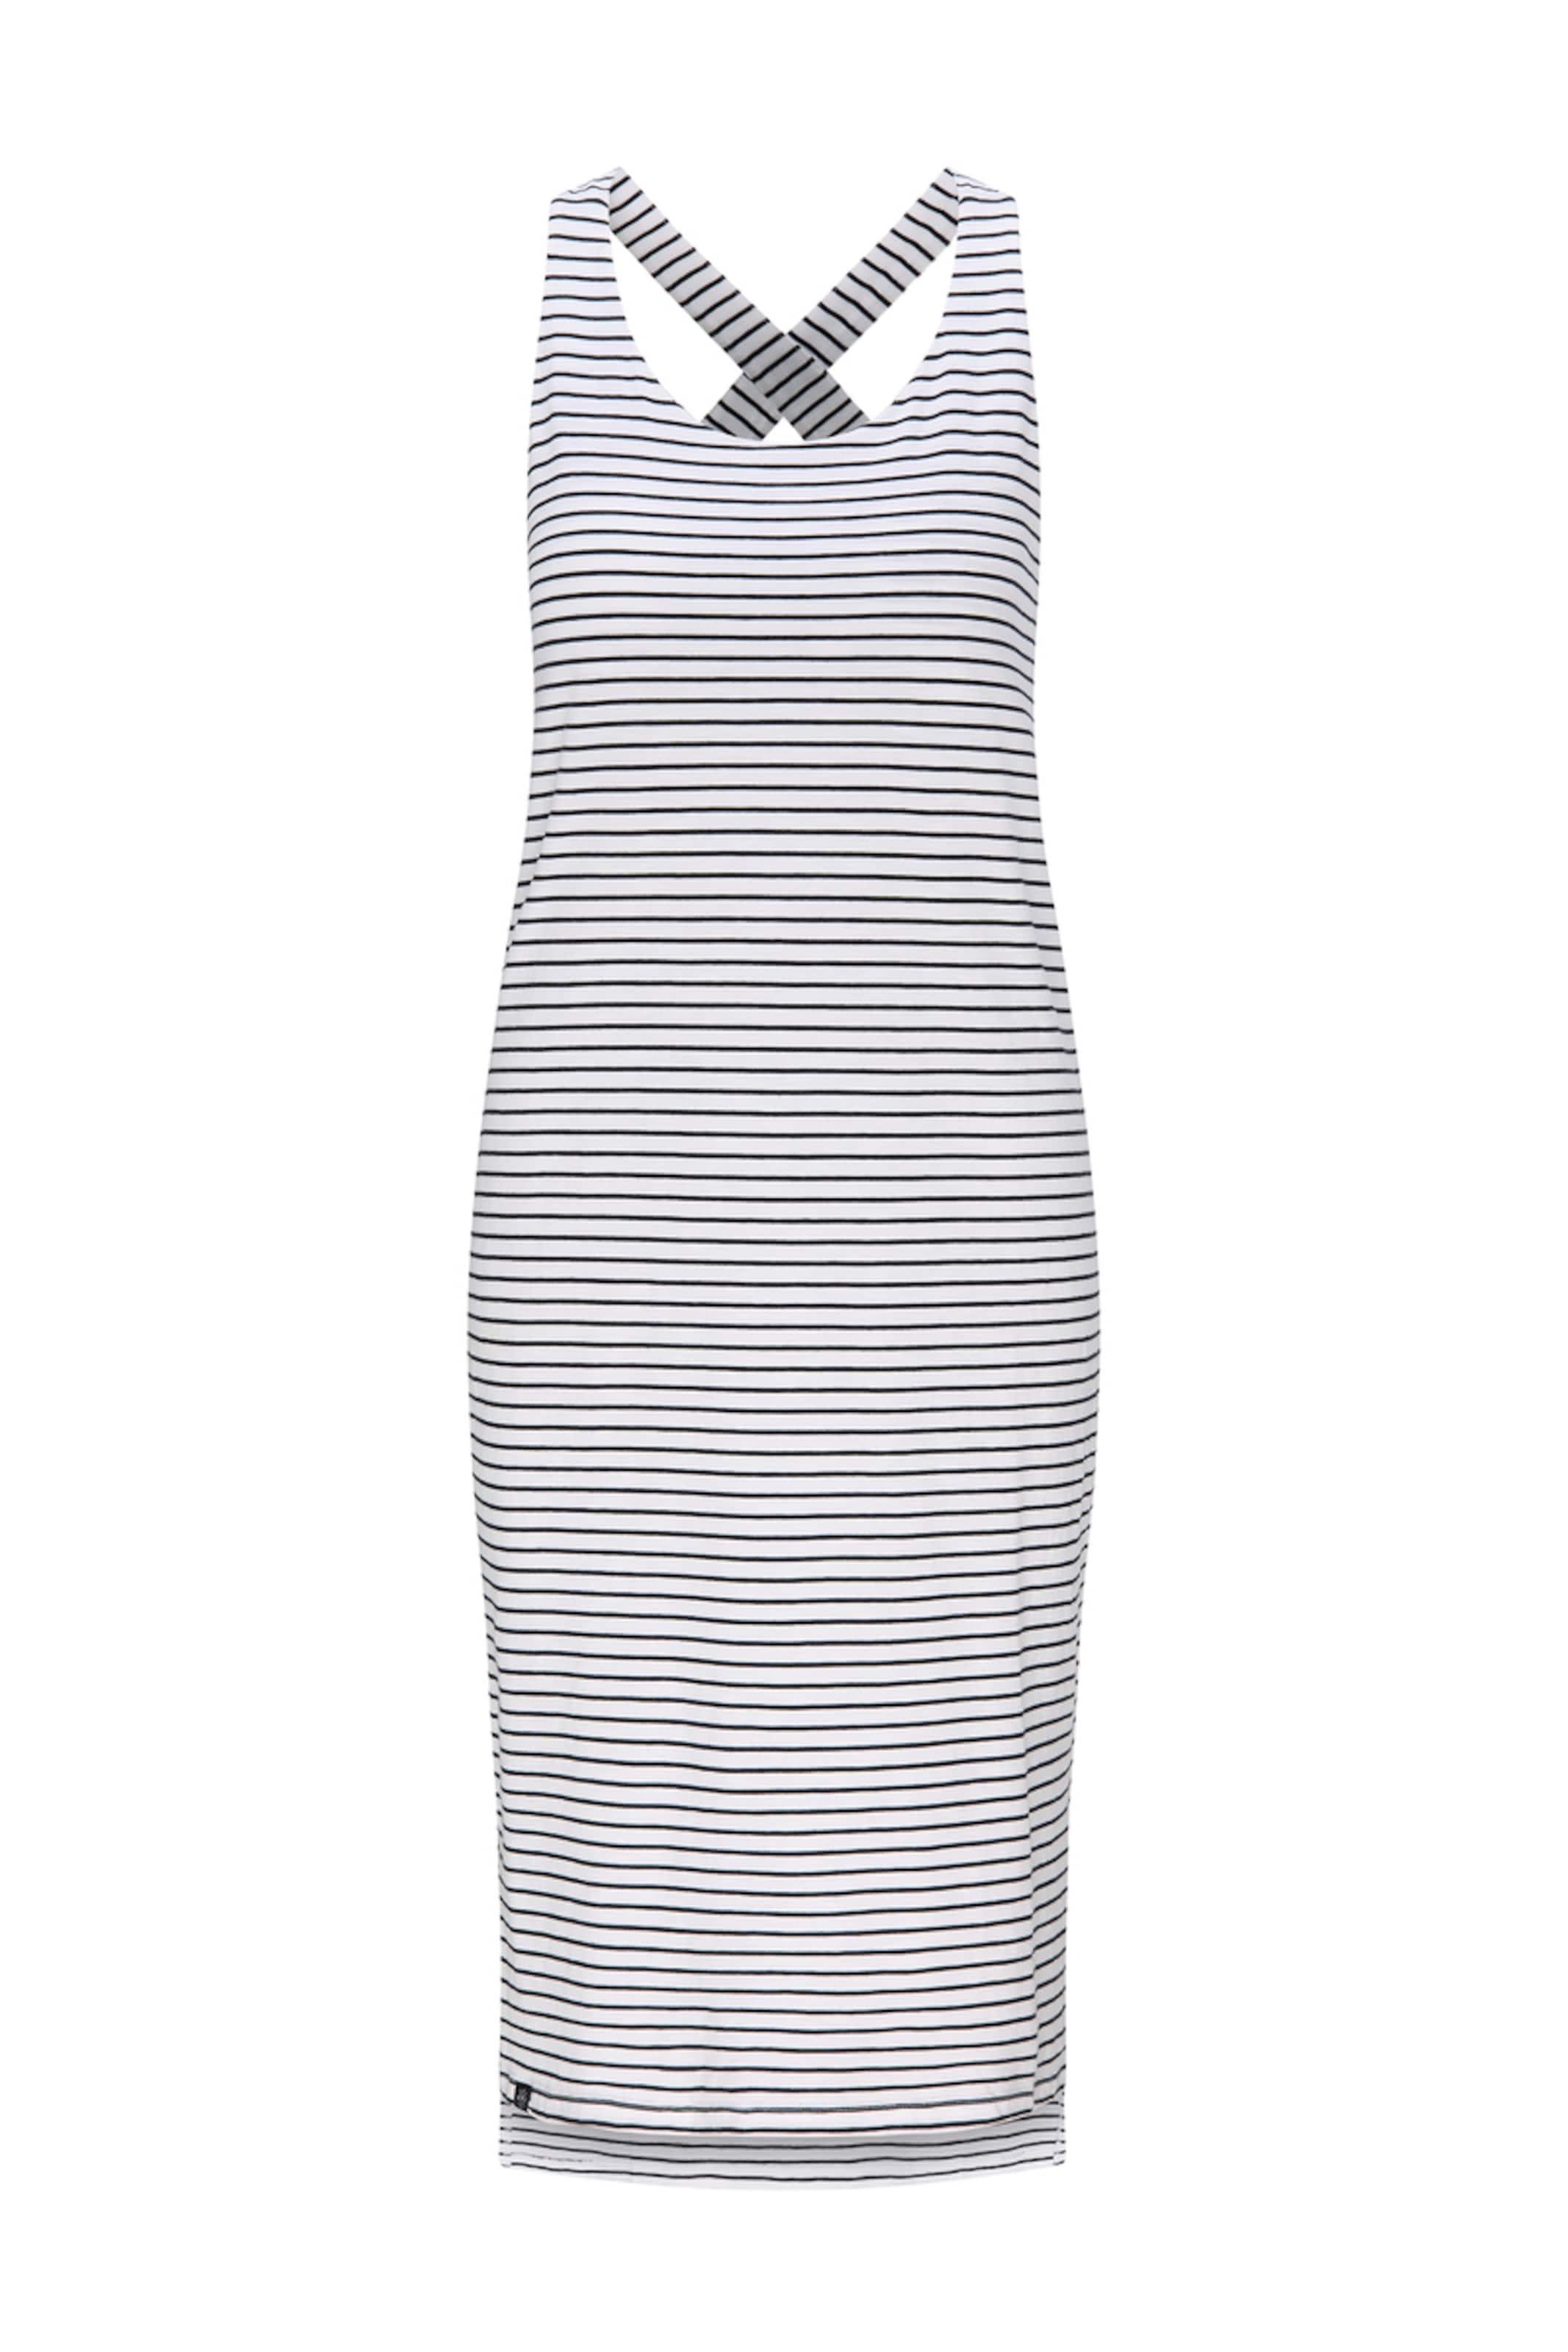 recolution Jerseykleid 'Sleeveless Jerseydress STRIPES' in blau / mischfarben